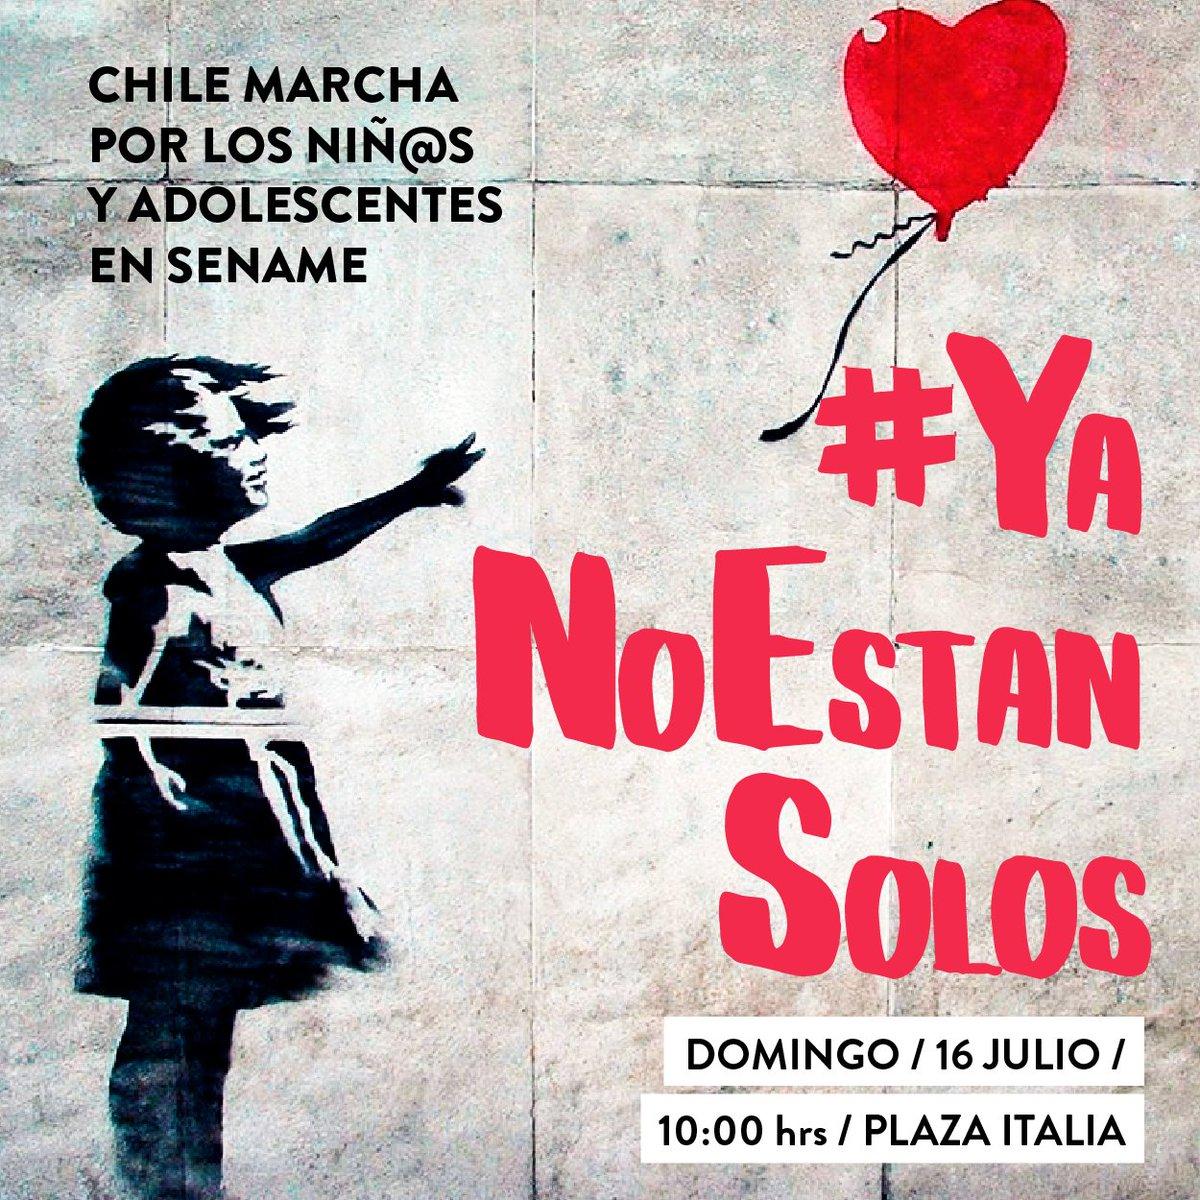 Nos sumamos a la marcha familiar por la infancia este domingo a las 10:00 hrs. en Plaza Italia! #YaNoEstánSolos https://t.co/WyI9SvgsyK